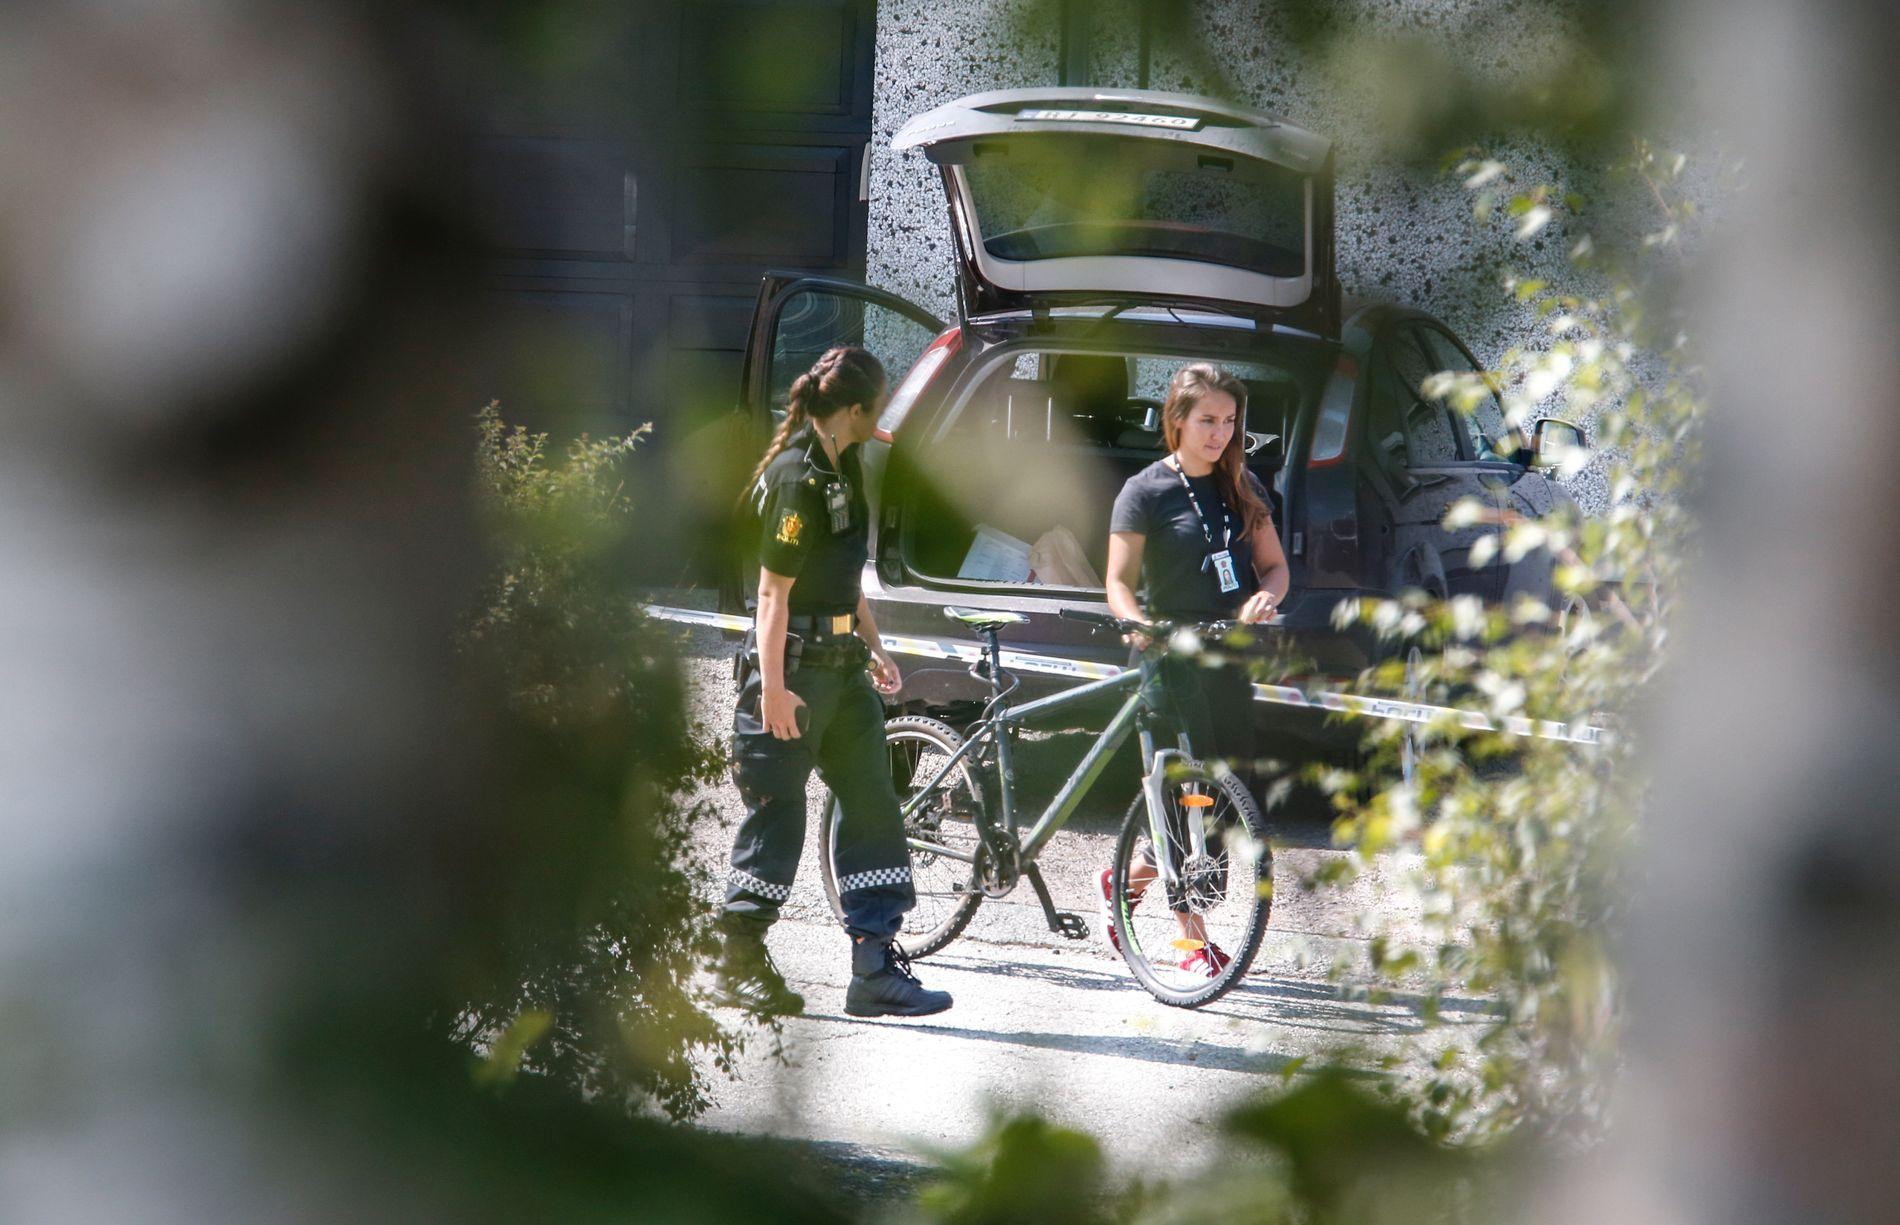 SYKKEL: Politiet beslagla onsdag en sykkel fra garasjen der den siktede 17-åringen bor.